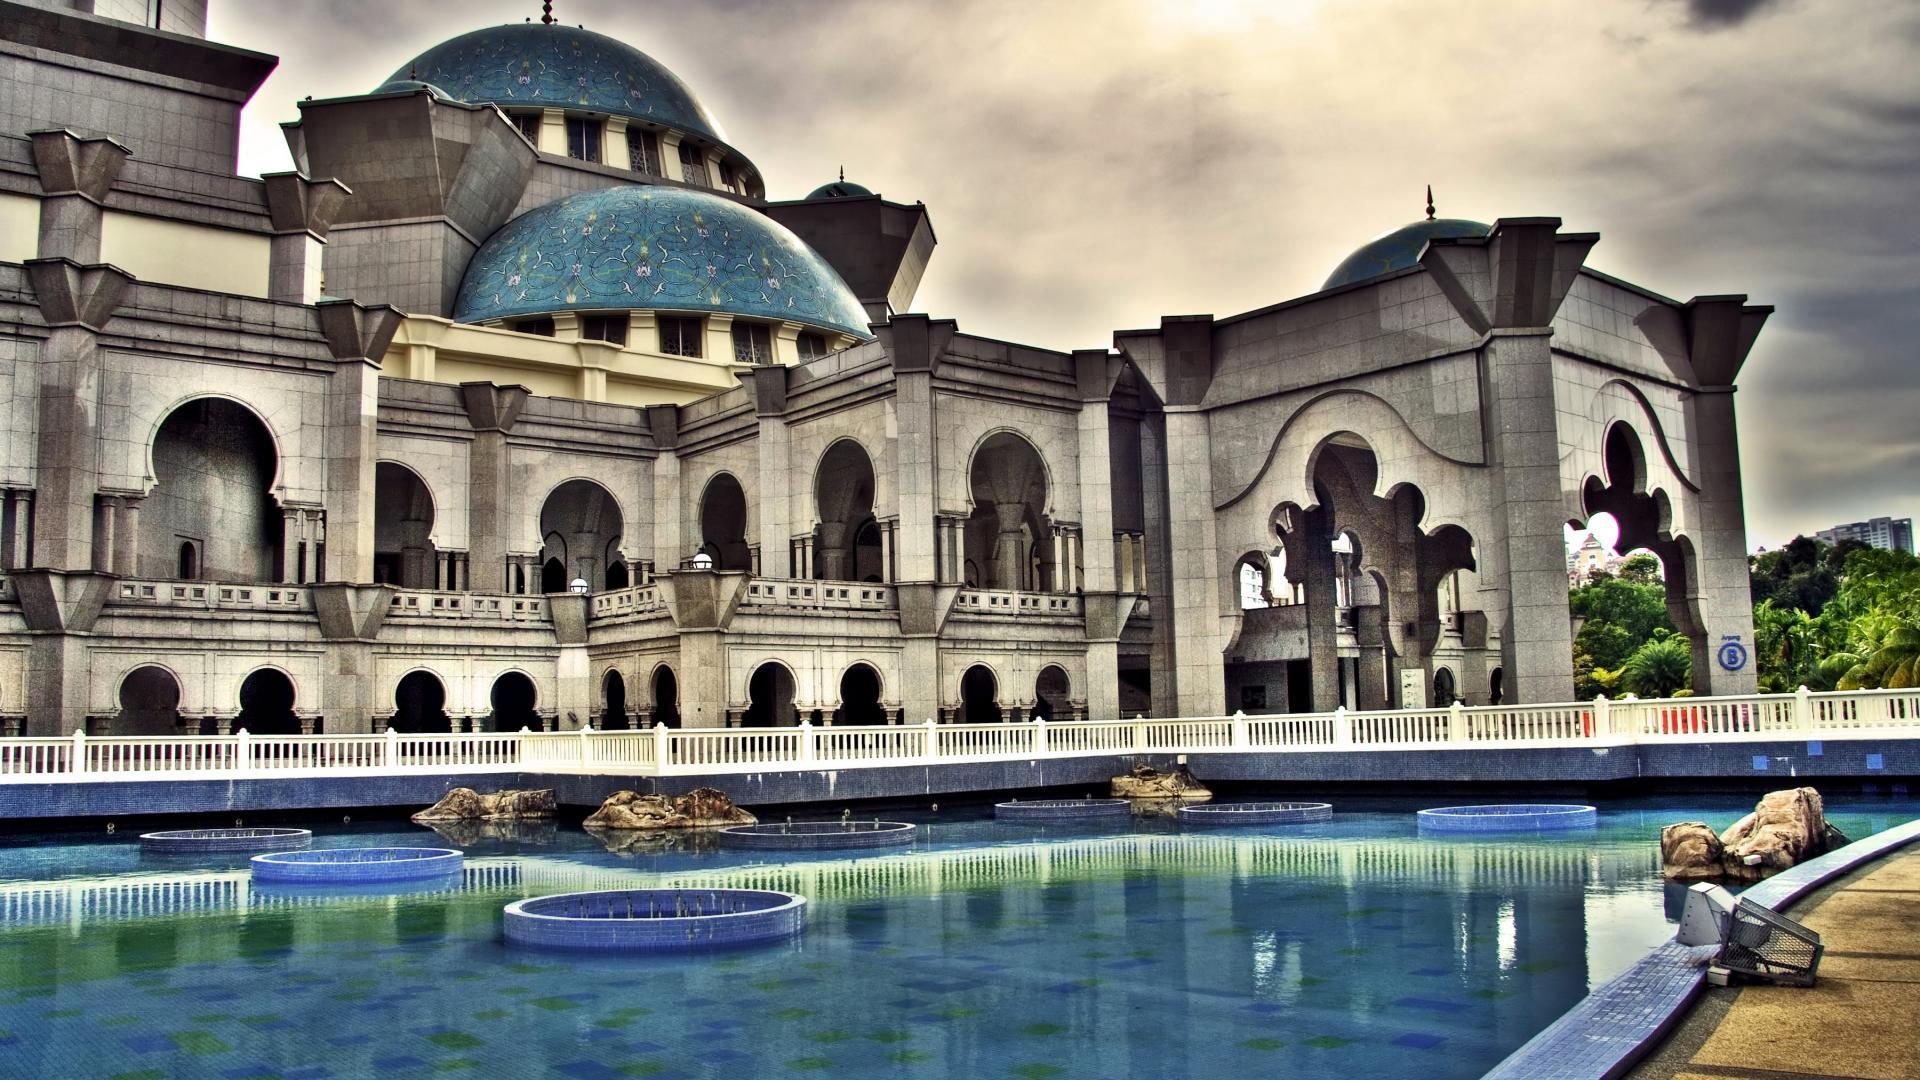 Beautiful Islamic Buildings Wallpapers: Full HD Islamic Wallpapers 1920x1080